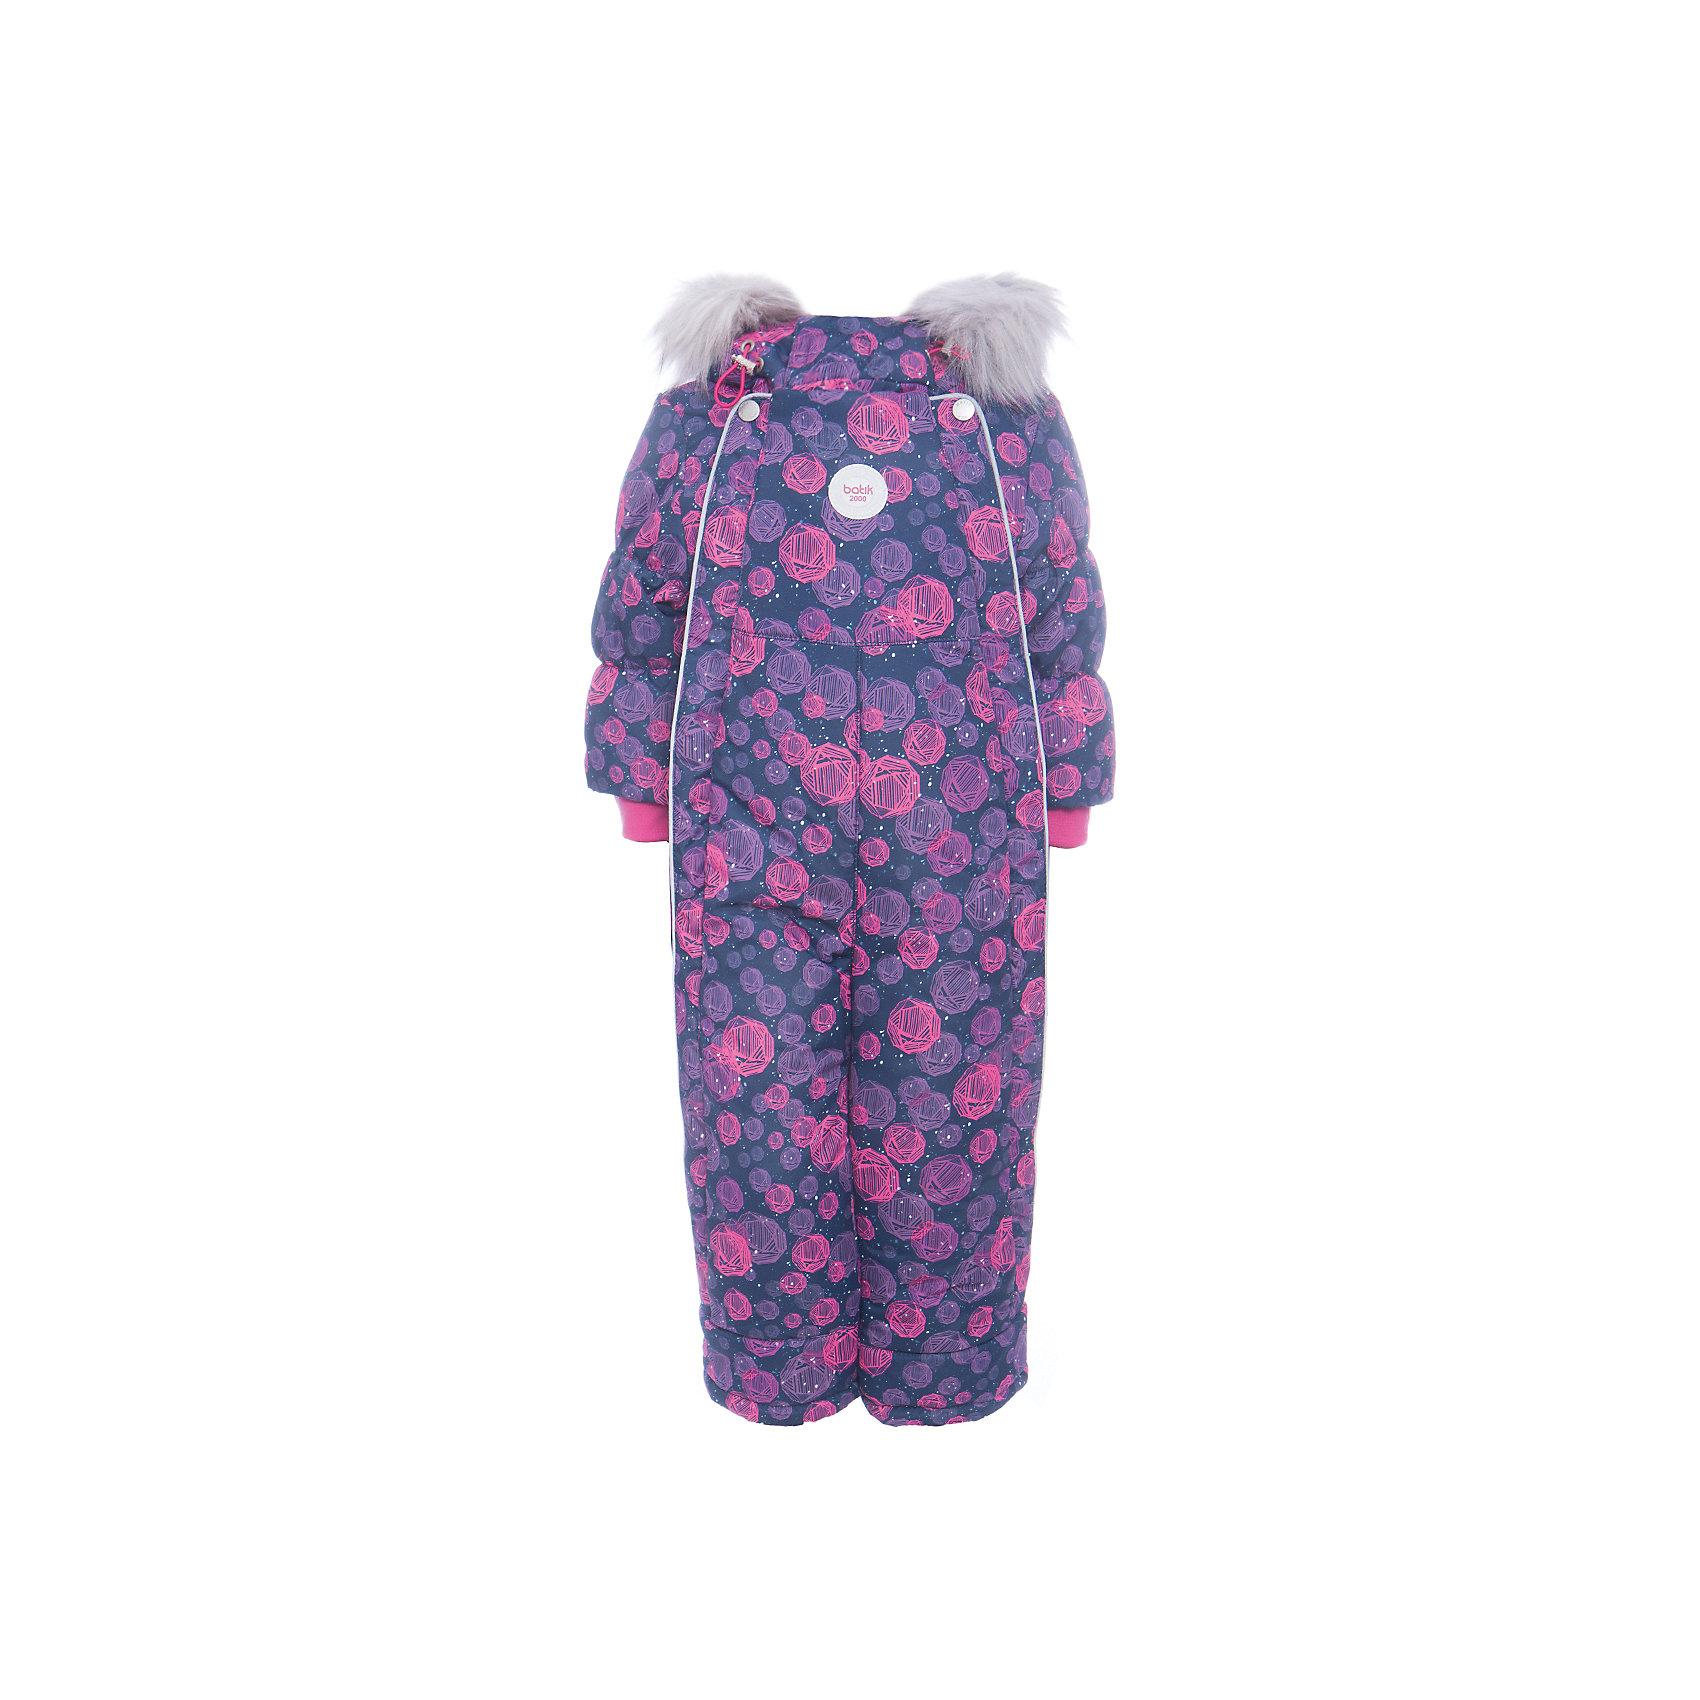 Комбинезон Сара Batik для девочкиВерхняя одежда<br>Характеристики товара:<br><br>• цвет: синий<br>• состав ткани: таслан<br>• подкладка: поларфлис<br>• утеплитель: слайтекс<br>• сезон: зима<br>• мембранное покрытие<br>• температурный режим: от -35 до 0<br>• водонепроницаемость: 5000 мм <br>• паропроницаемость: 5000 г/м2<br>• плотность утеплителя: 350 г/м2<br>• застежка: молния<br>• капюшон: с мехом<br>• опушка отстегивается<br>• силиконовые штрипки<br>• страна бренда: Россия<br>• страна изготовитель: Россия<br><br>Этот удобный комбинезон декорирован принтом. Верх детского комбинезона надежно защищает от холода и влаги. Подкладка комбинезона для девочки мягкая и теплая. Детский зимний комбинезон дополнен капюшоном, силиконовыми штрипками и удобными молниями. <br><br>Комбинезон Сара Batik (Батик) для девочки можно купить в нашем интернет-магазине.<br><br>Ширина мм: 356<br>Глубина мм: 10<br>Высота мм: 245<br>Вес г: 519<br>Цвет: синий<br>Возраст от месяцев: 12<br>Возраст до месяцев: 18<br>Пол: Женский<br>Возраст: Детский<br>Размер: 86,80<br>SKU: 7028078